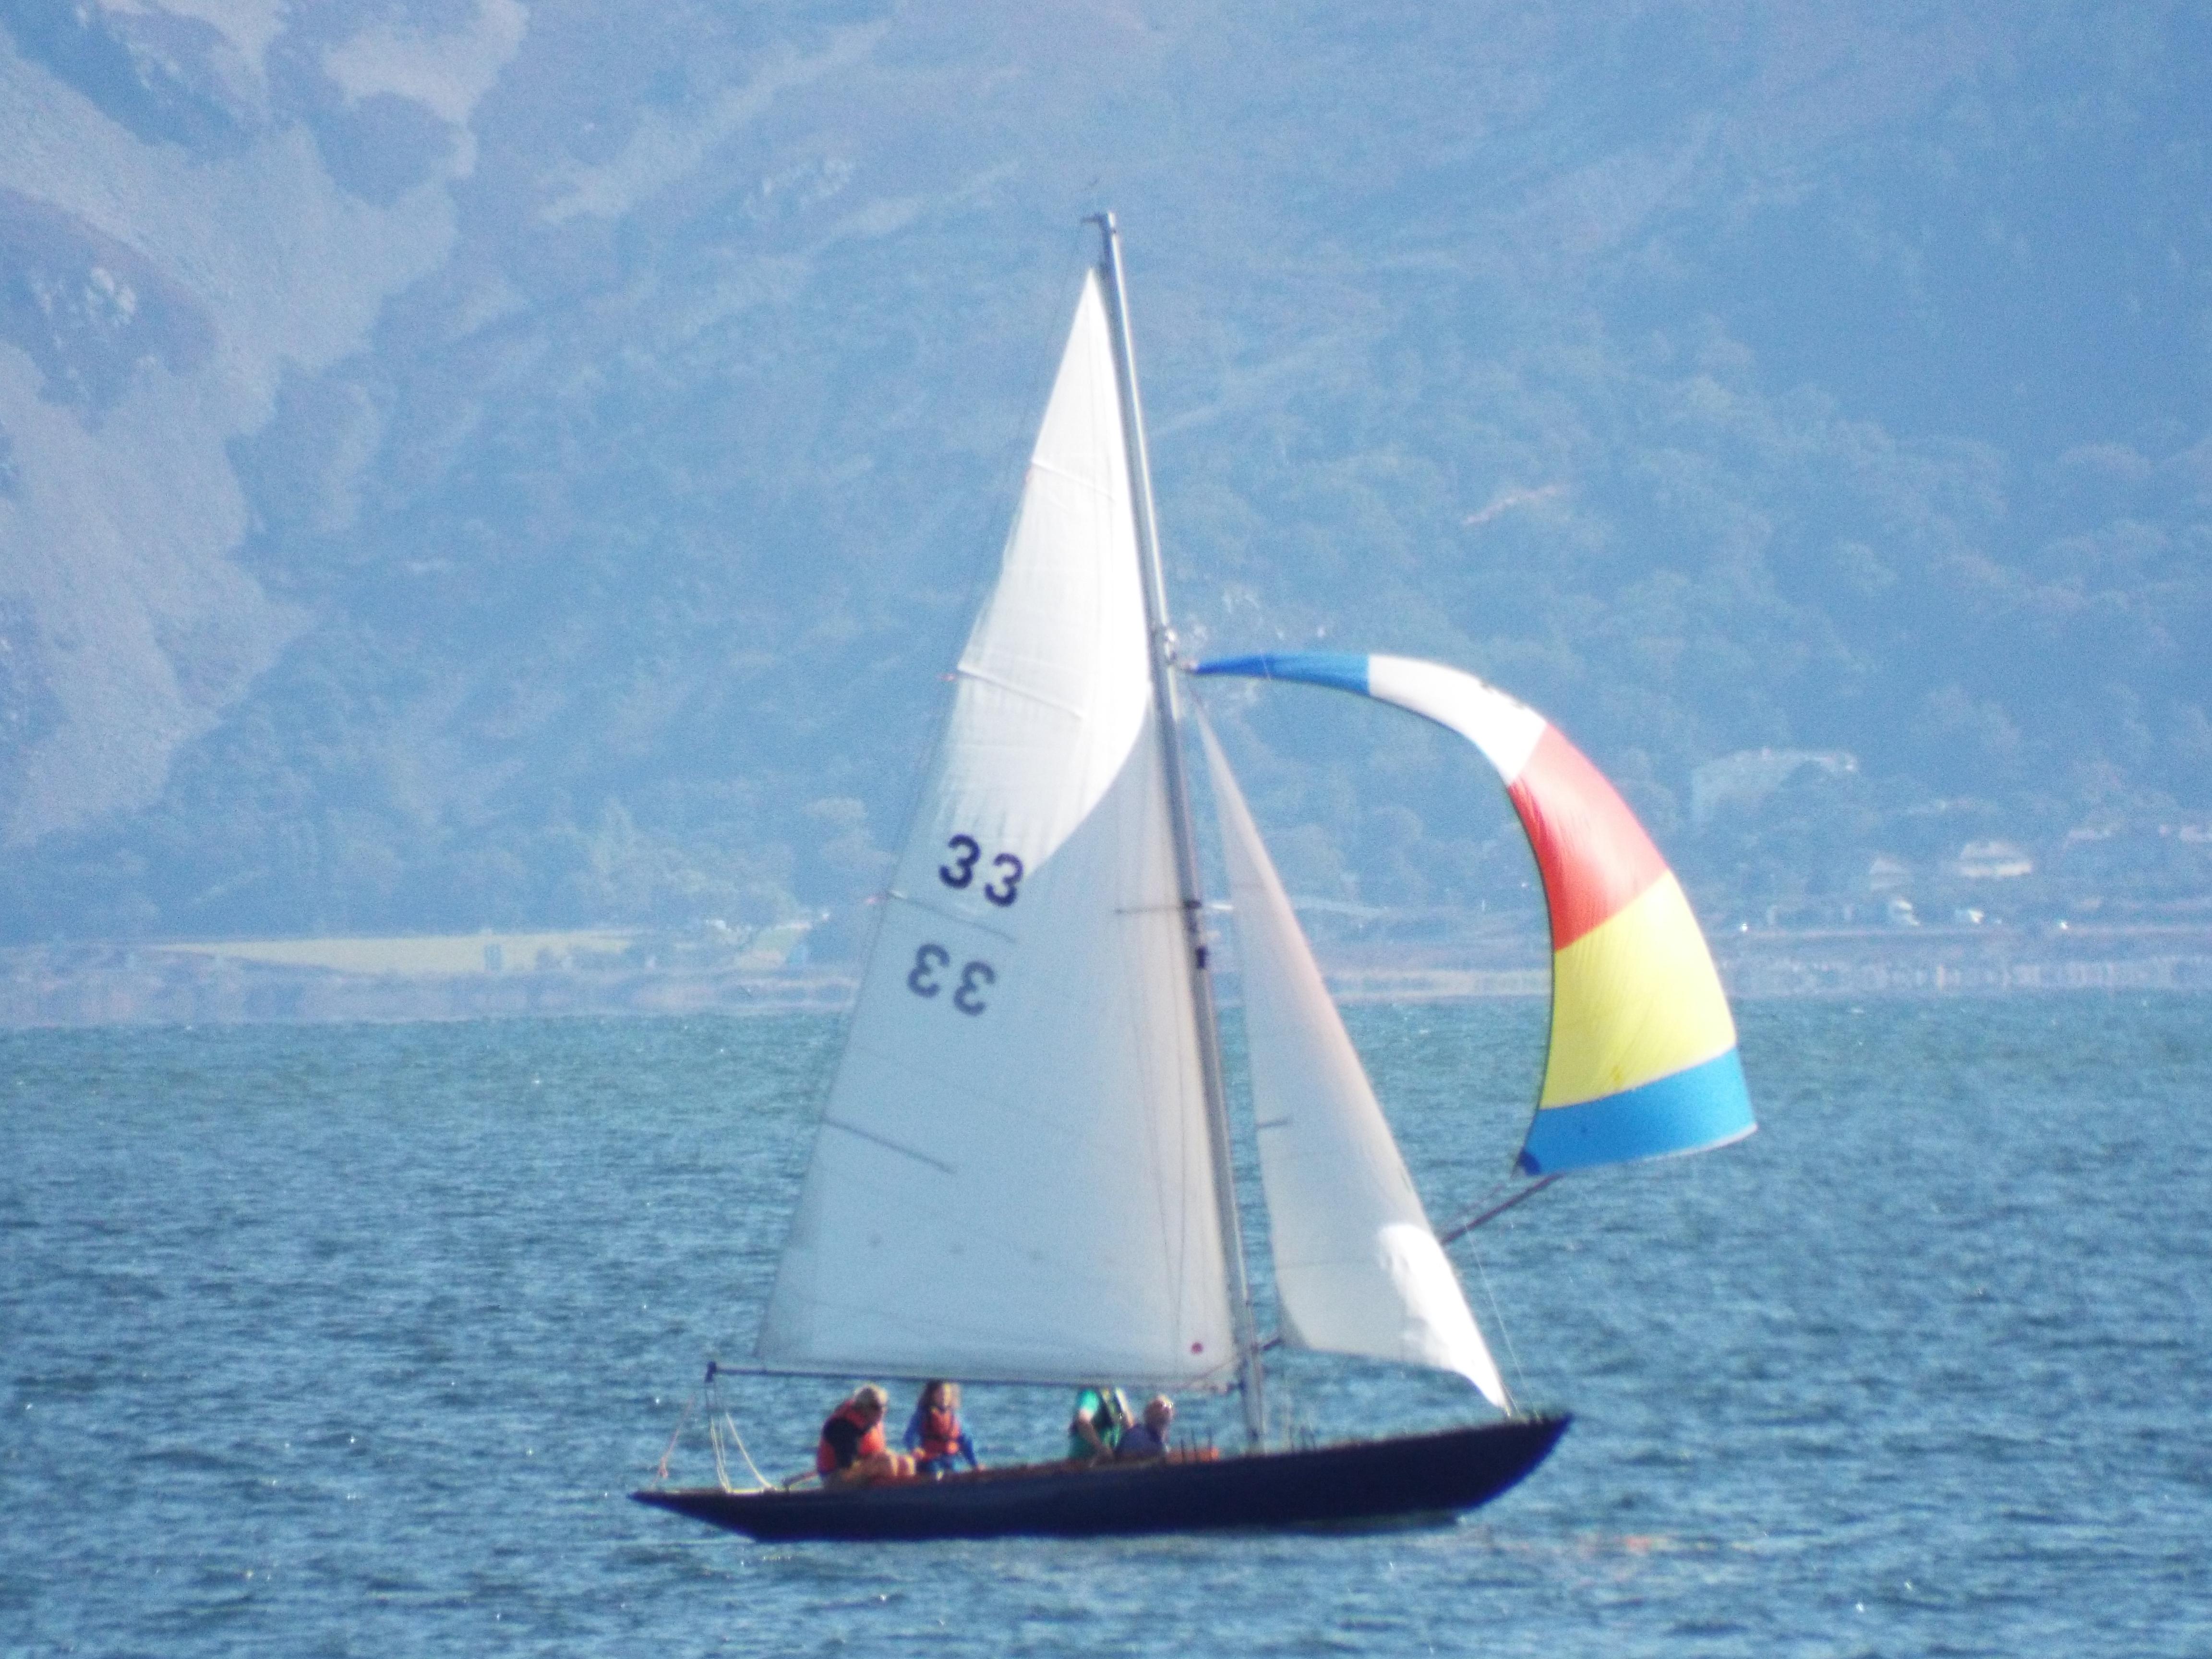 DSCF7134